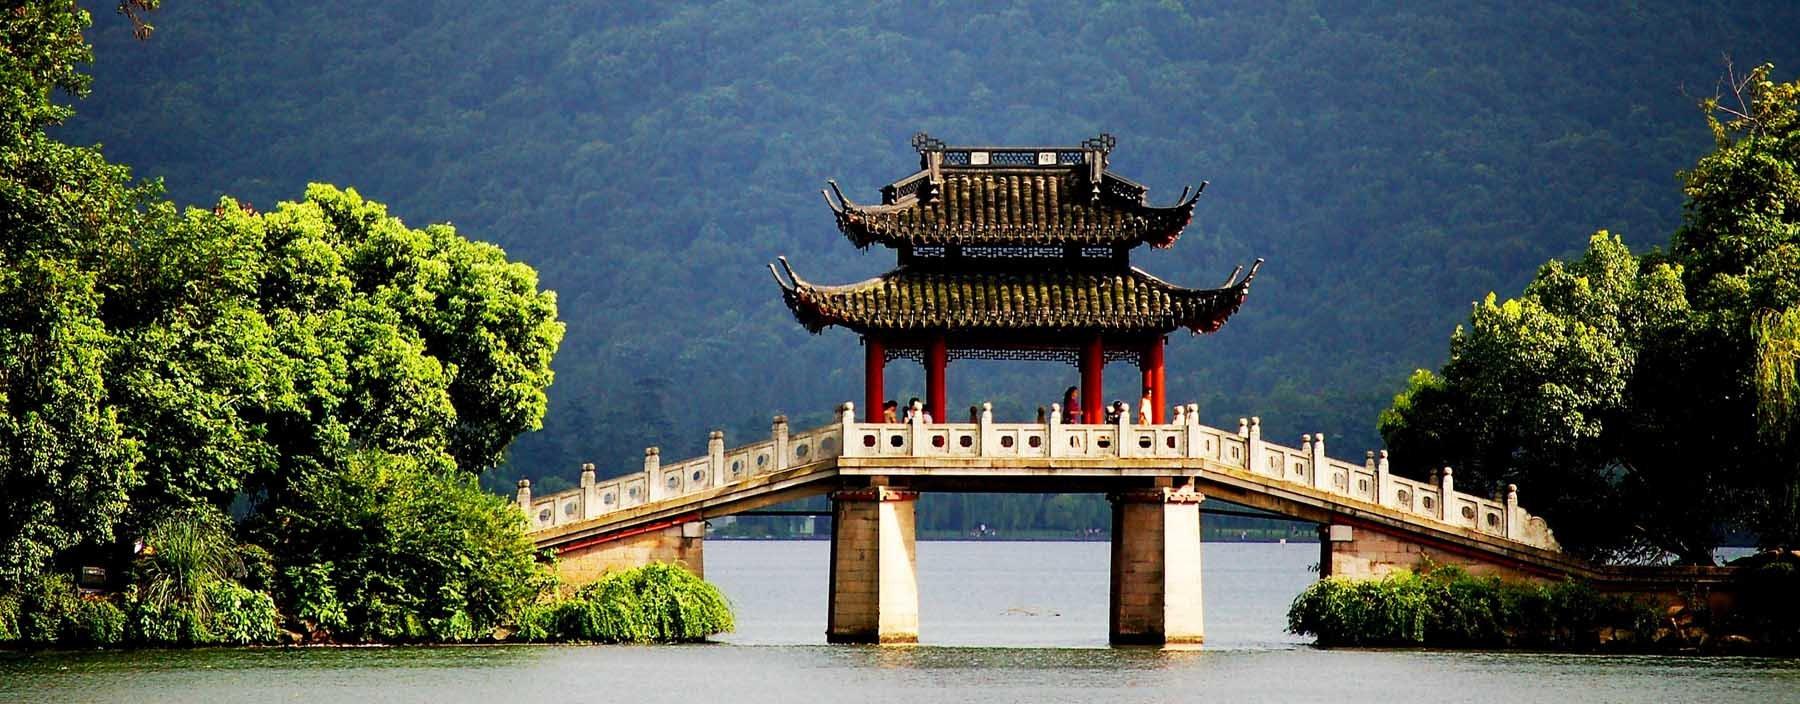 cn, hangzhou,famous pavilion bridge-yu dai qiao (jade belt).jpg